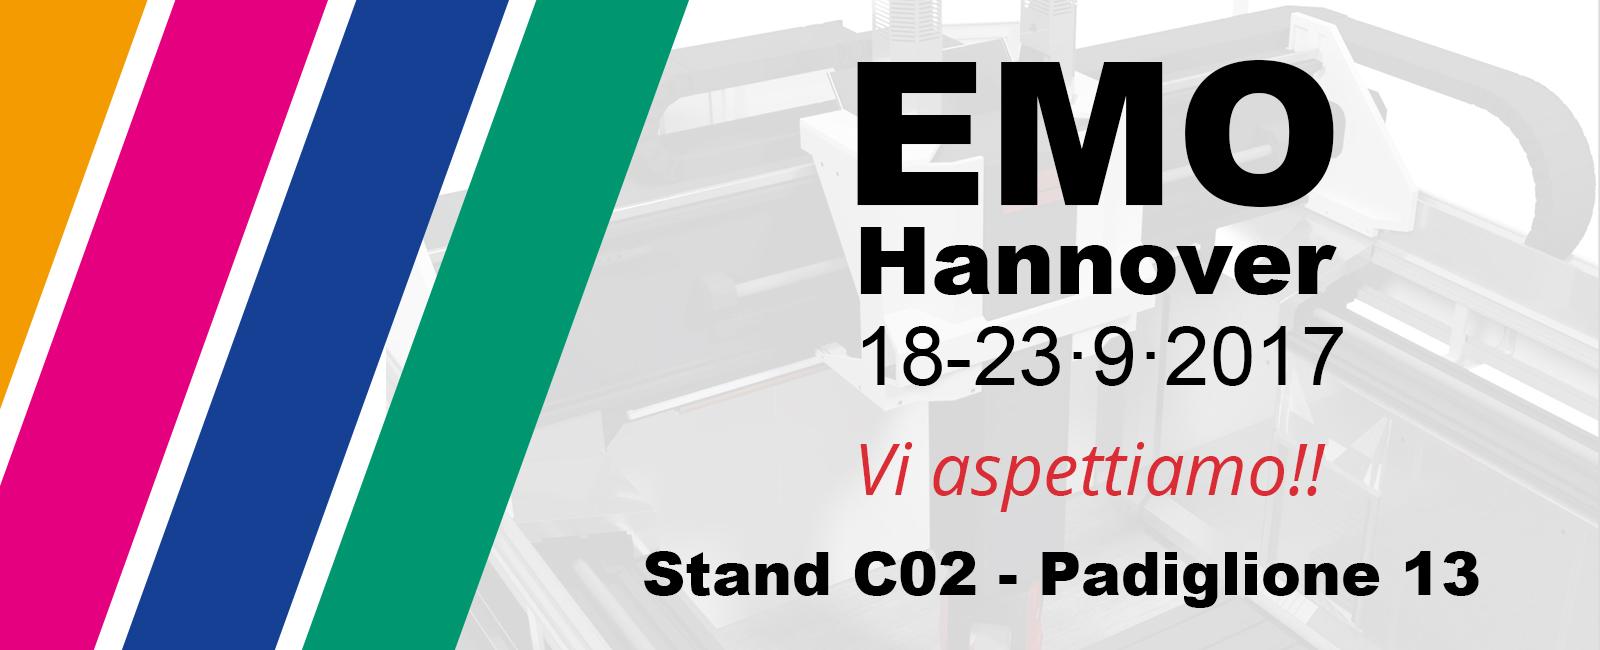 Fidia sarà presente alla EMO 2017 di Hannover, Stand C02 - Padiglione 13